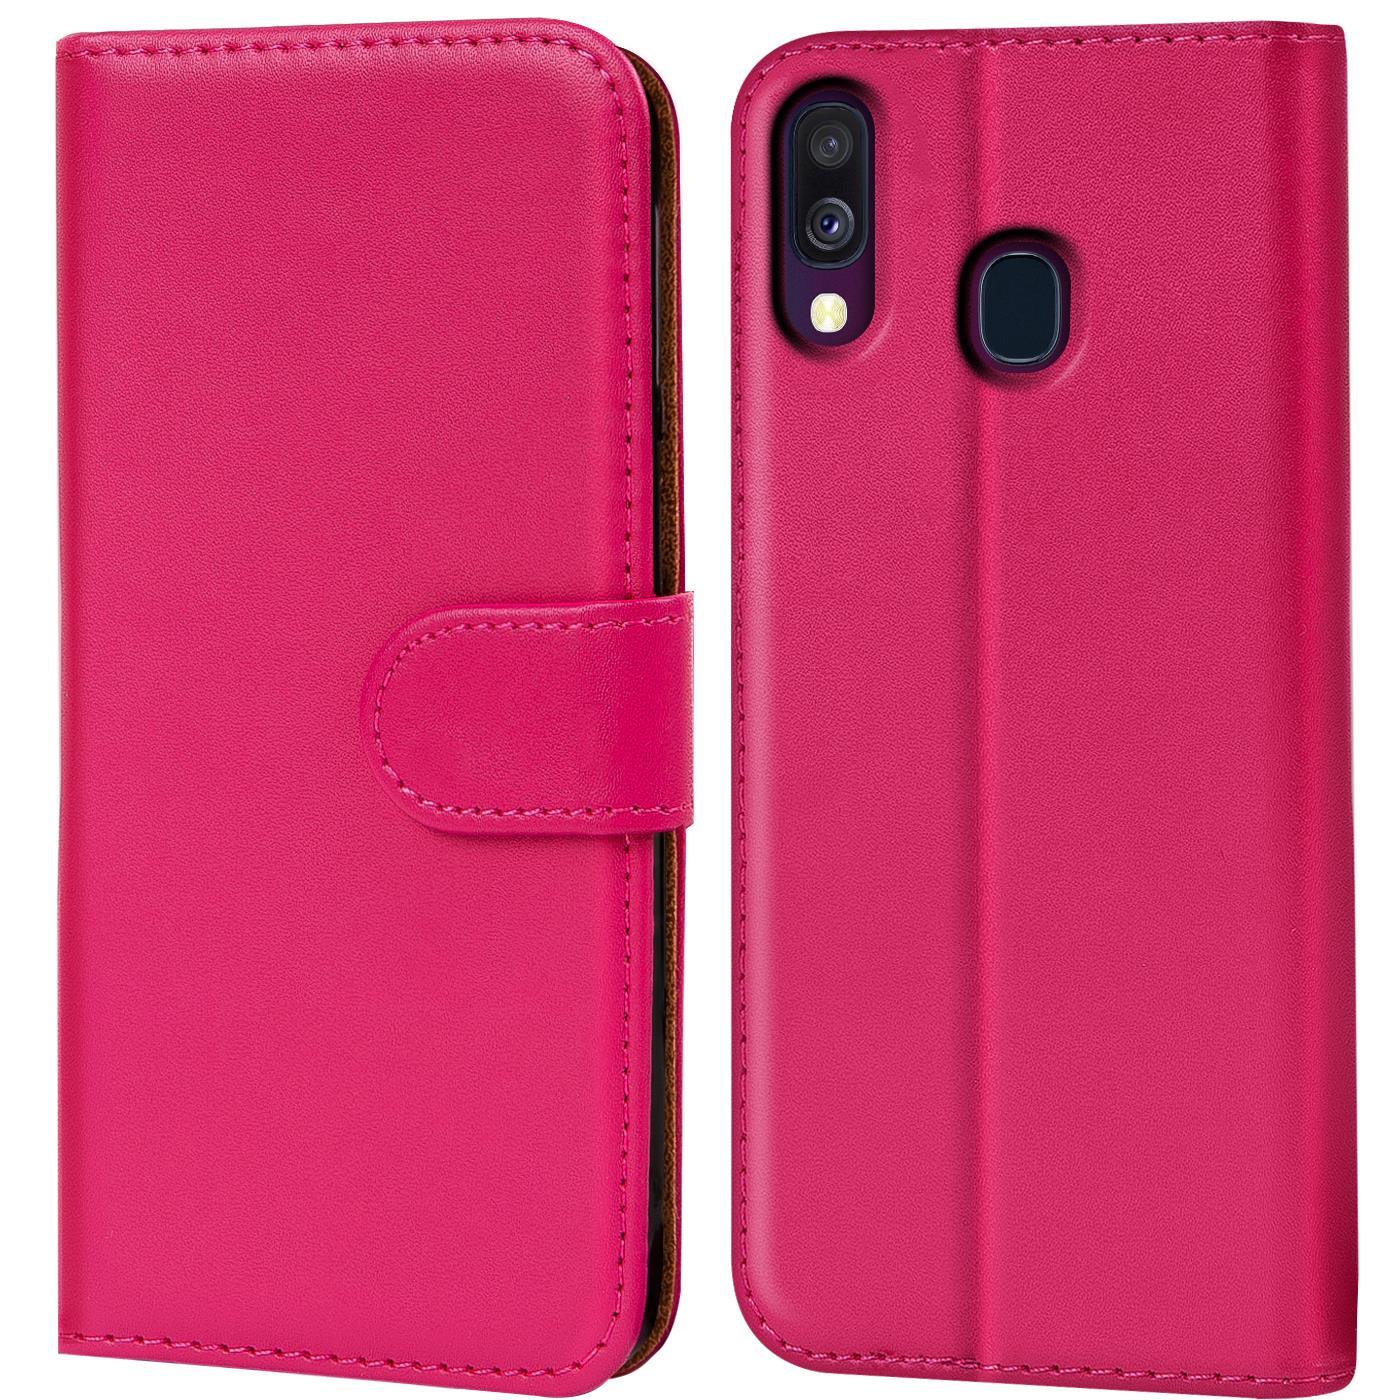 Schutz-Huelle-Samsung-Galaxy-A40-Handy-Klapp-Tasche-Book-Flip-Case-Schutzhuelle Indexbild 16